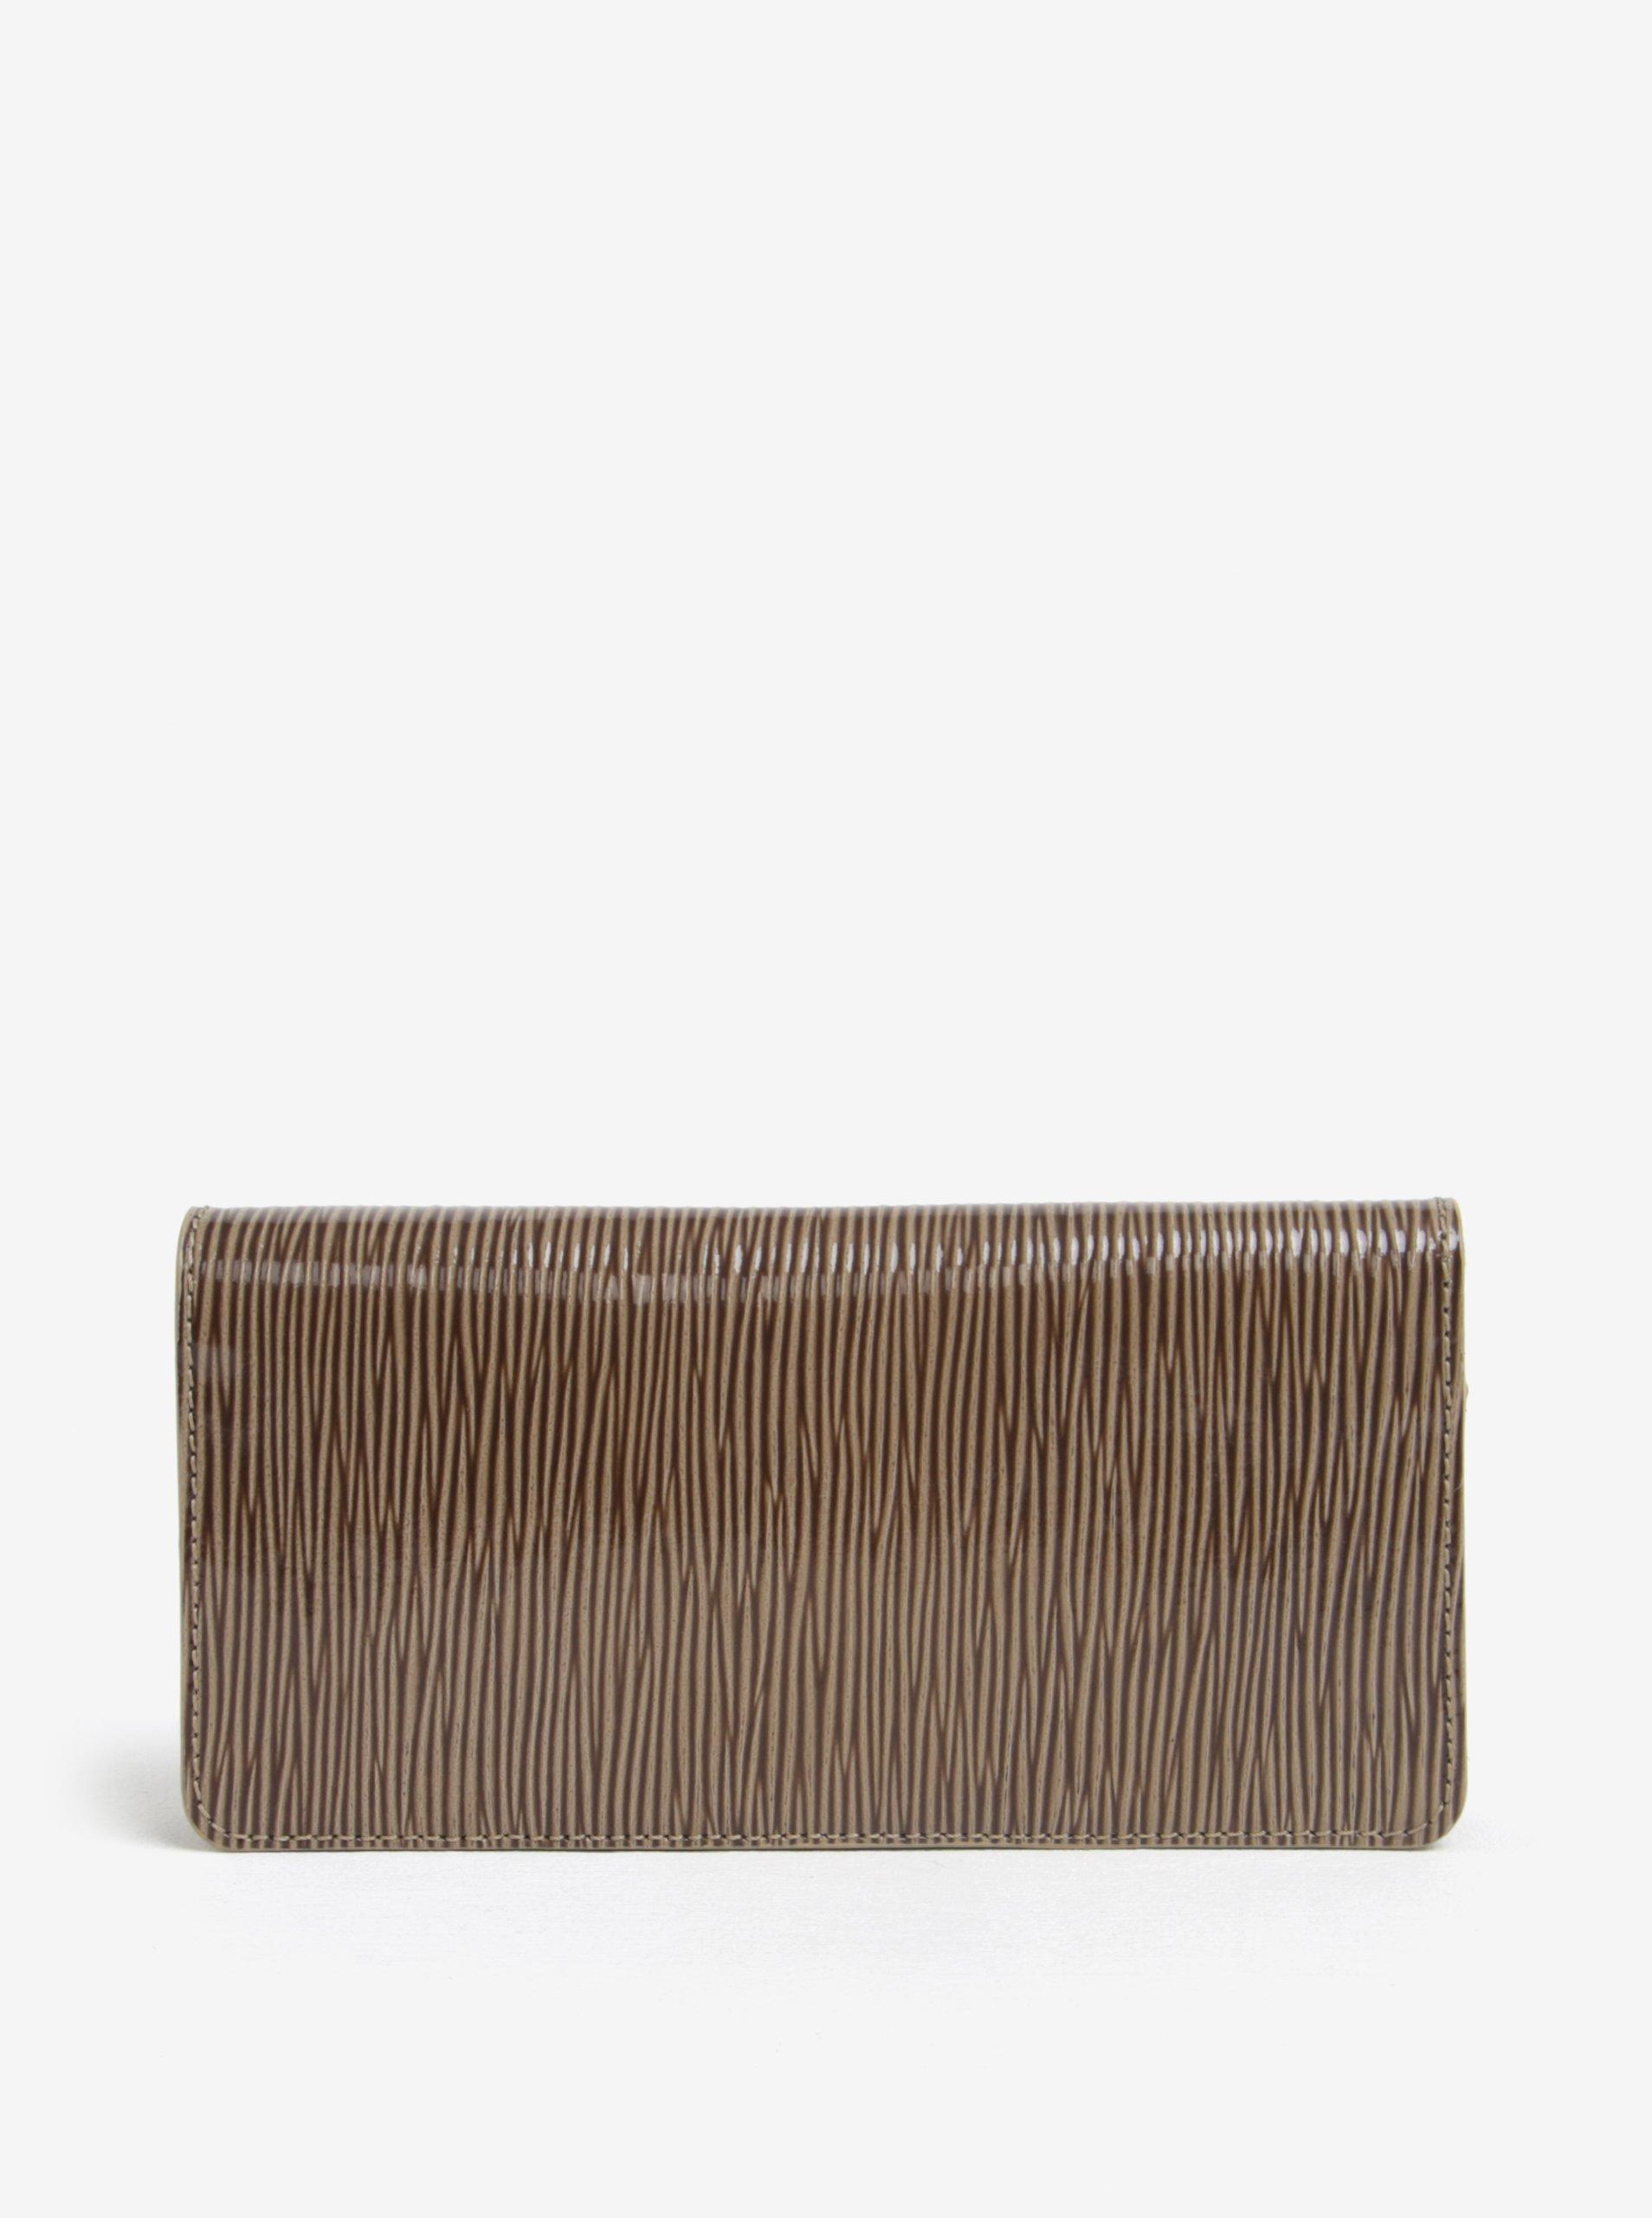 Hnedá dámska kožená vzorovaná peňaženka ELEGA Amina